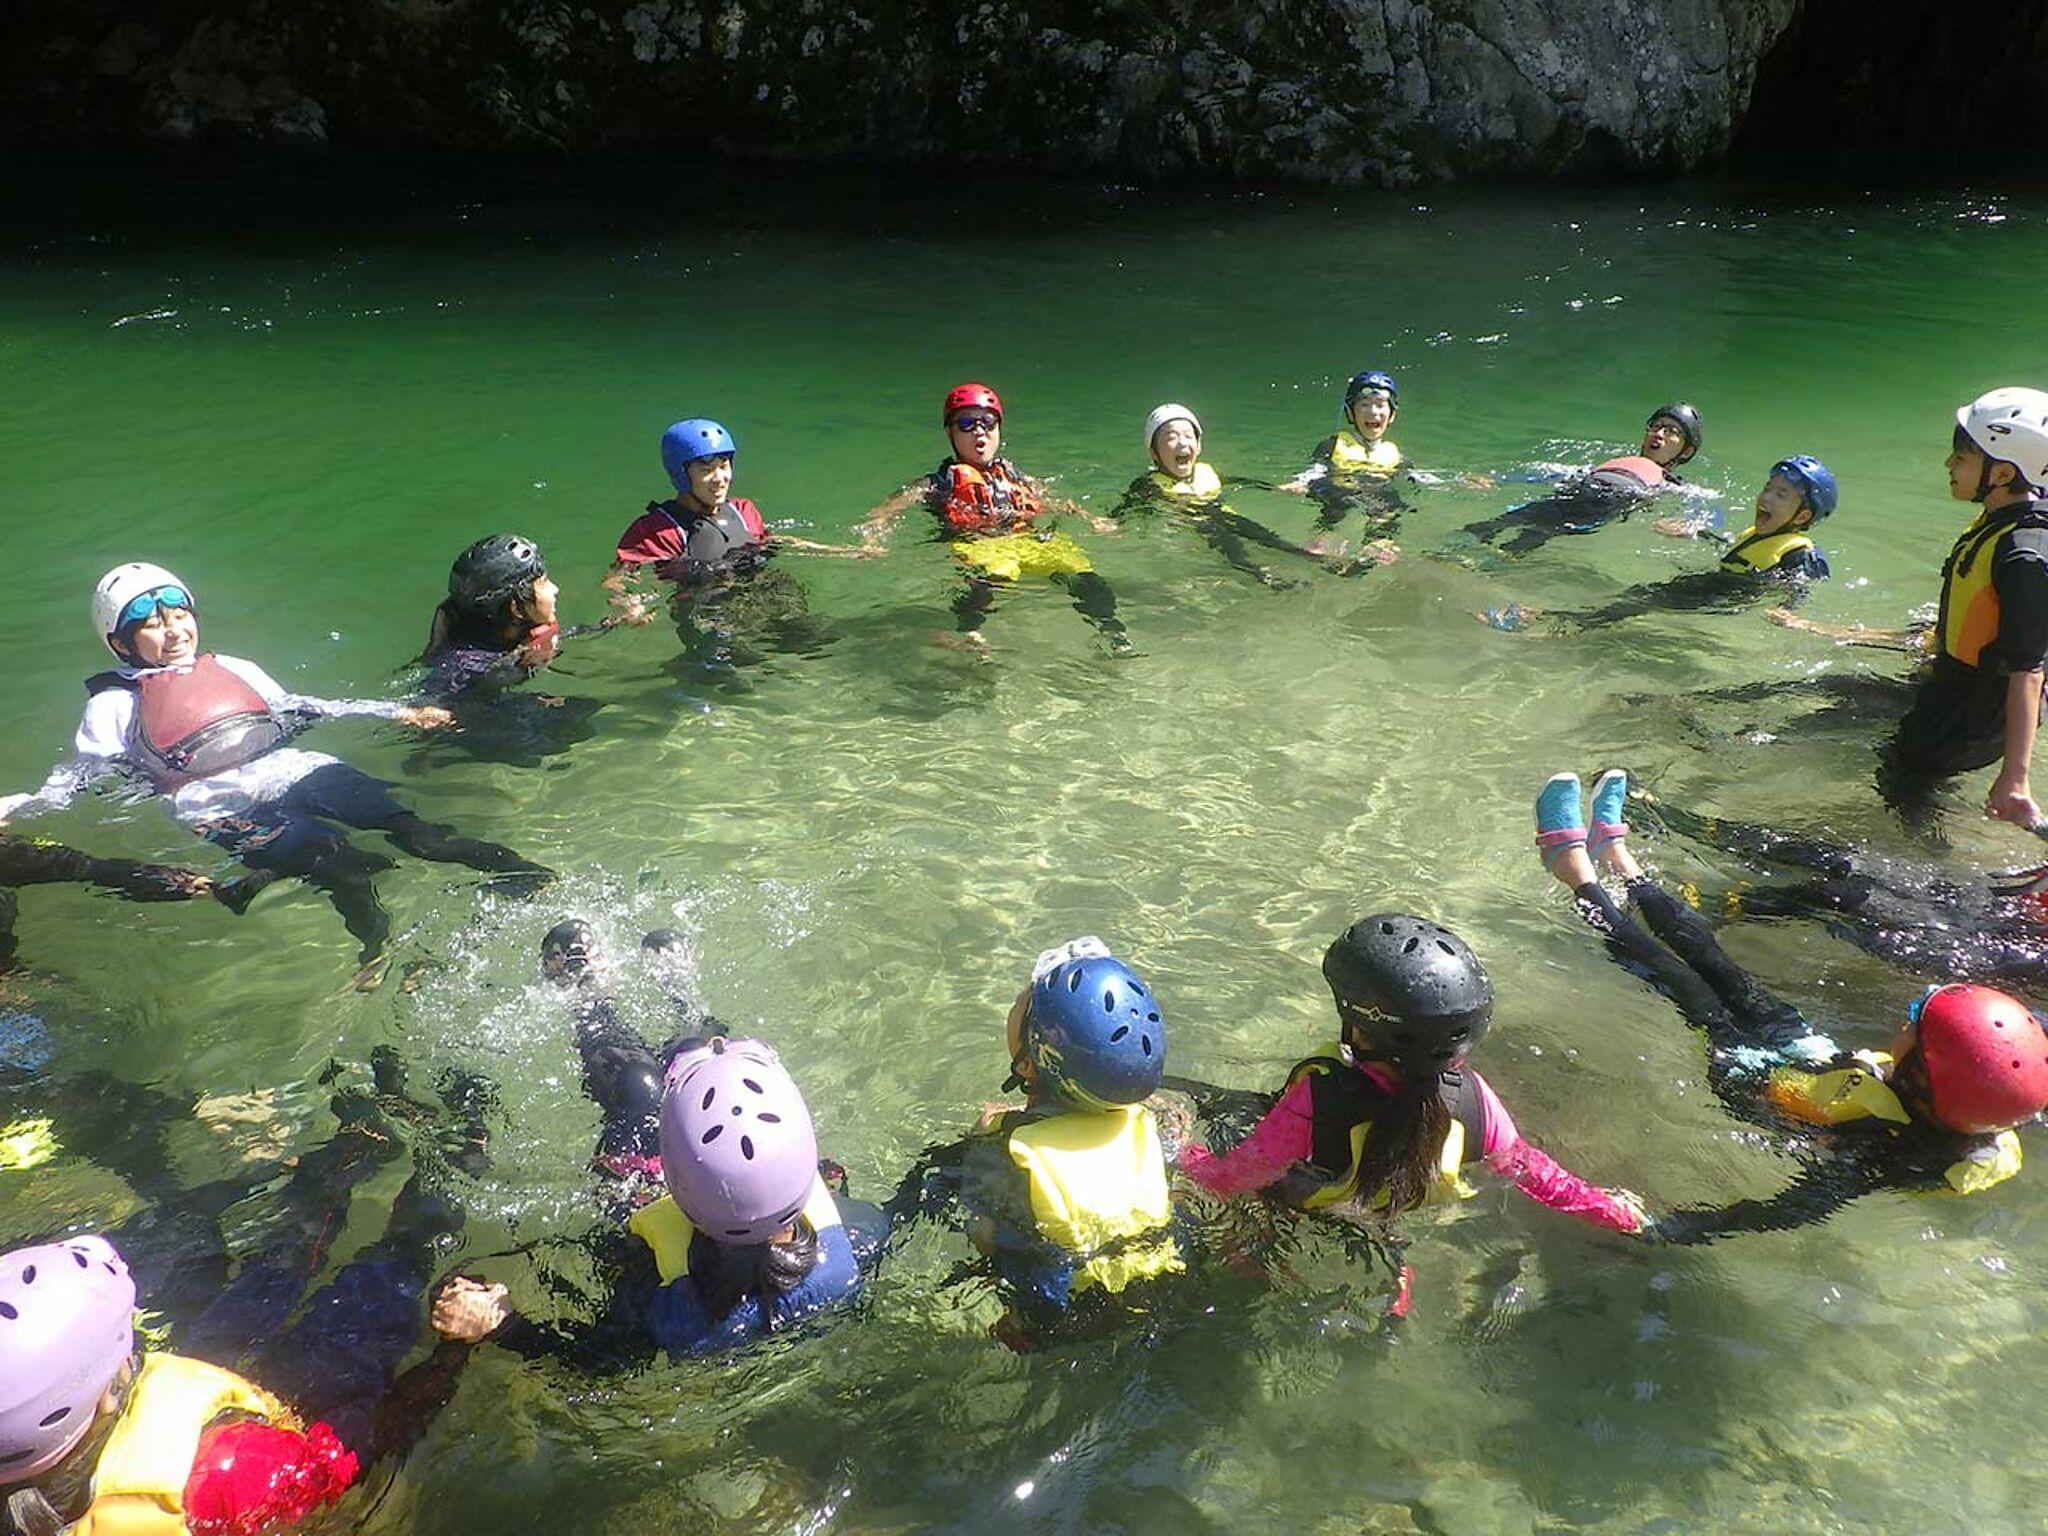 水に浮かぶ子どもたちの画像